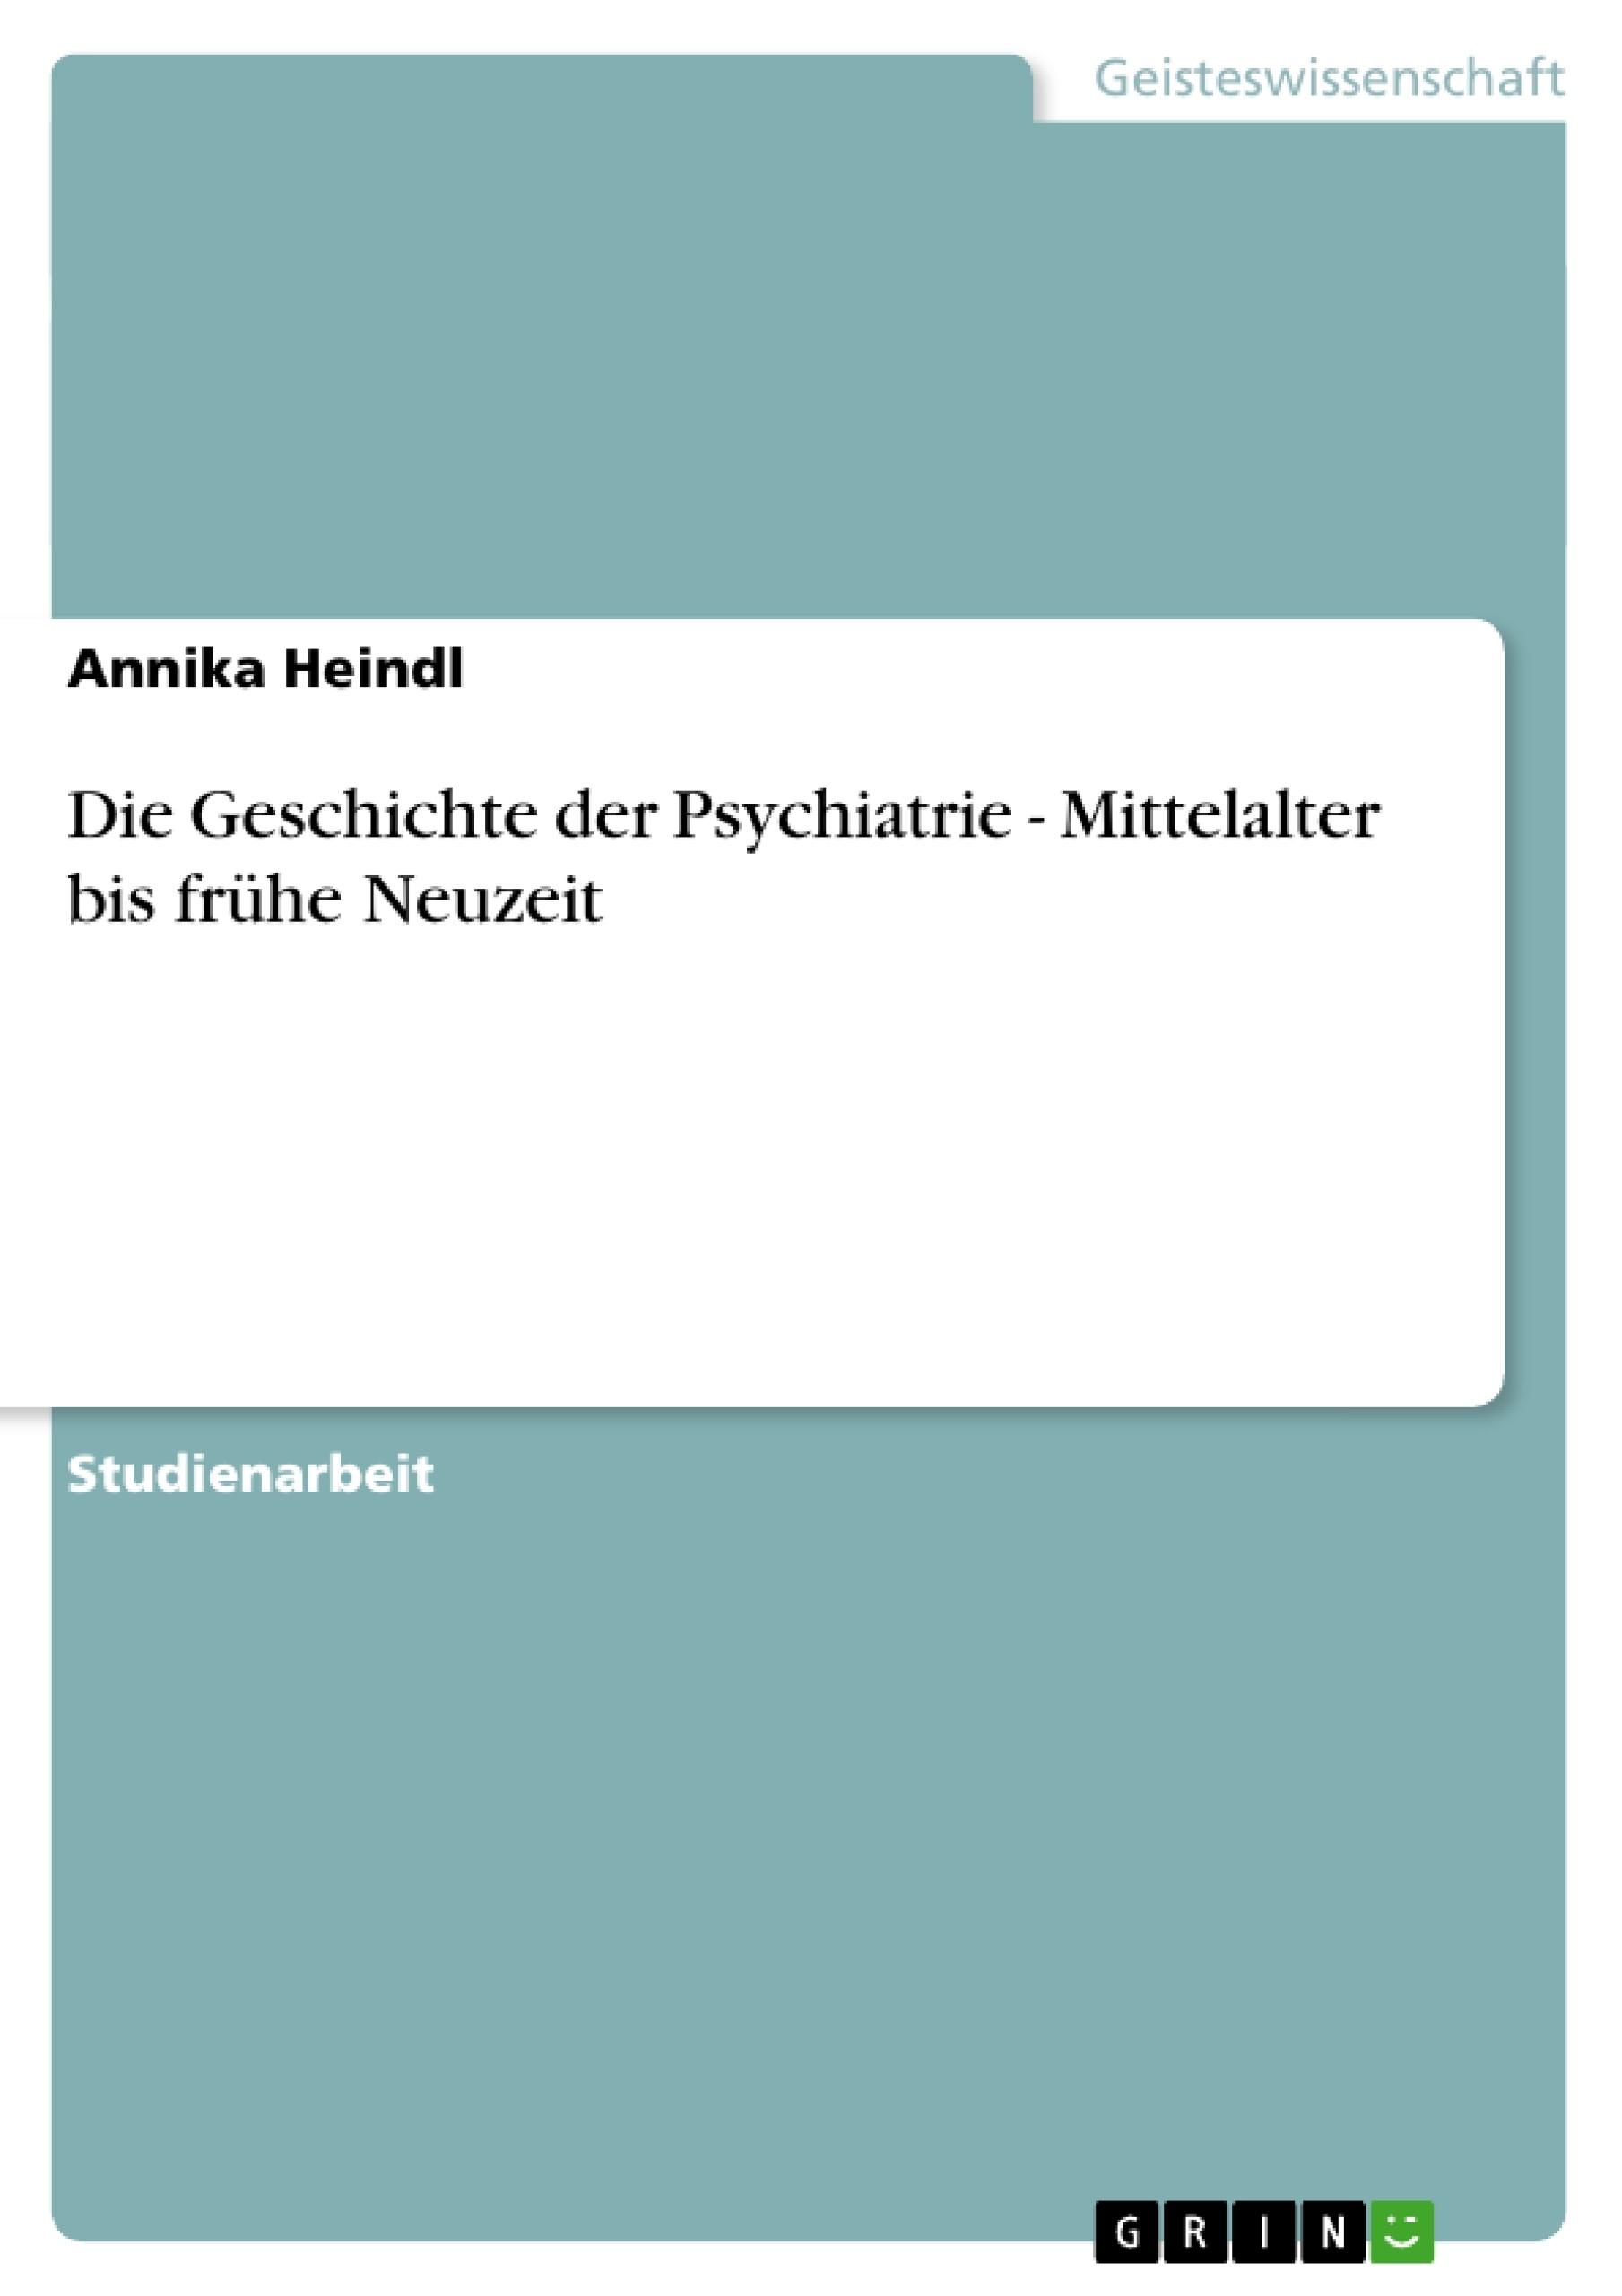 Titel: Die Geschichte der Psychiatrie - Mittelalter bis frühe Neuzeit